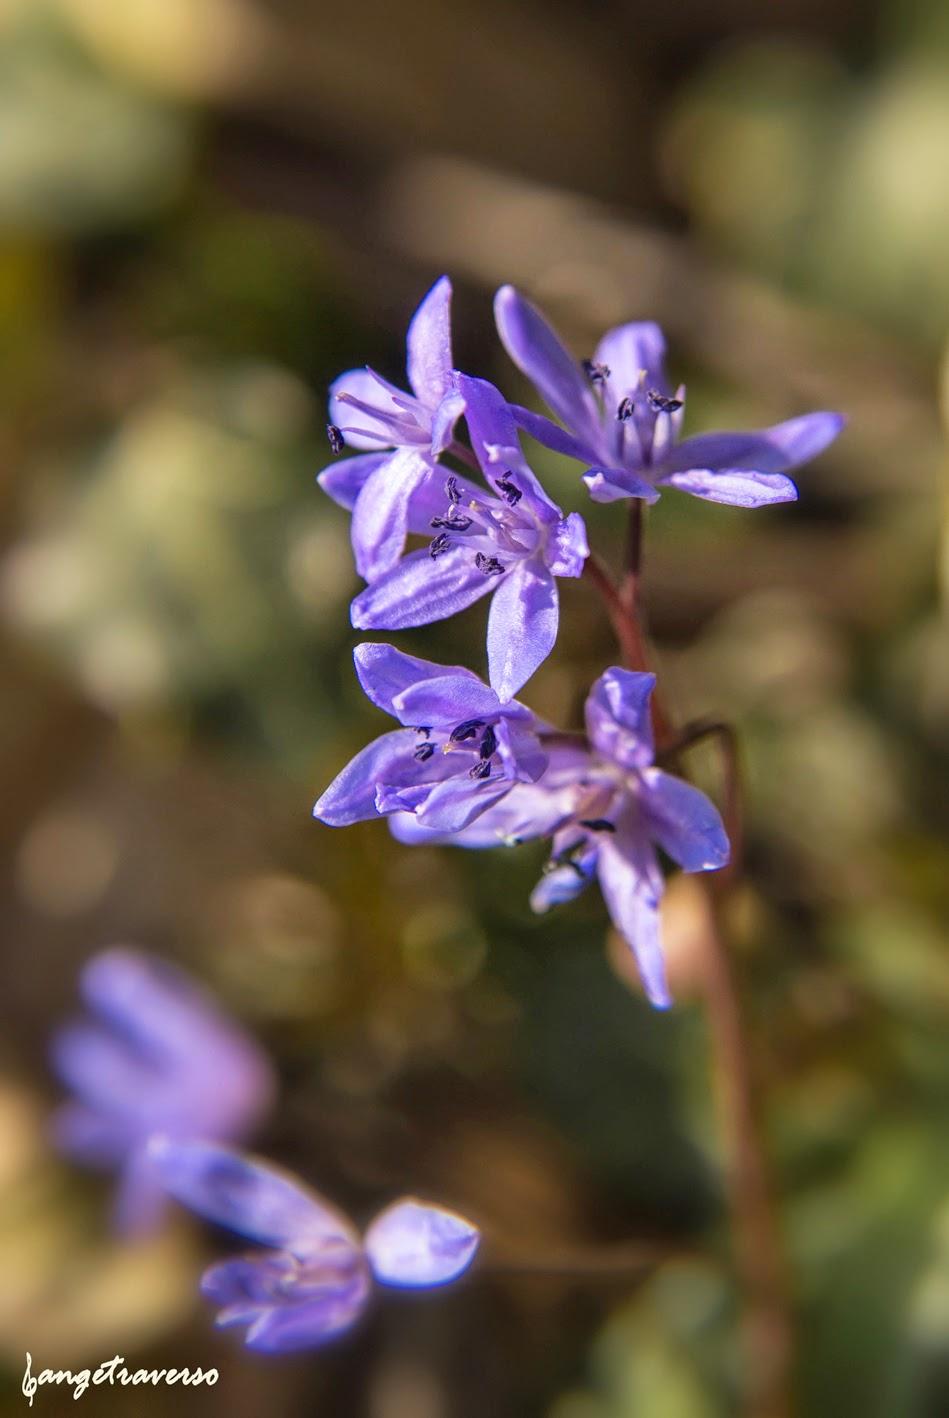 Flore des Alpes, Haute-Savoie, printemps